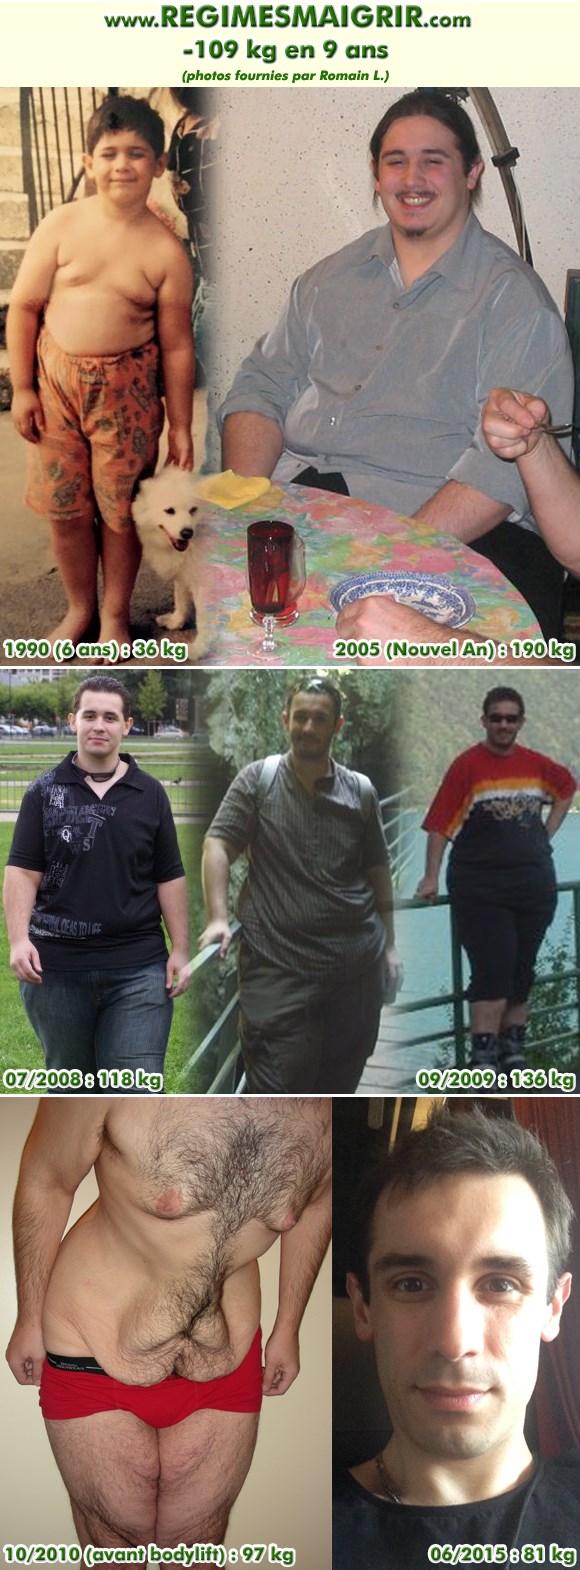 Evolution du poids de Romain sur les 9 ans de la perte de poids